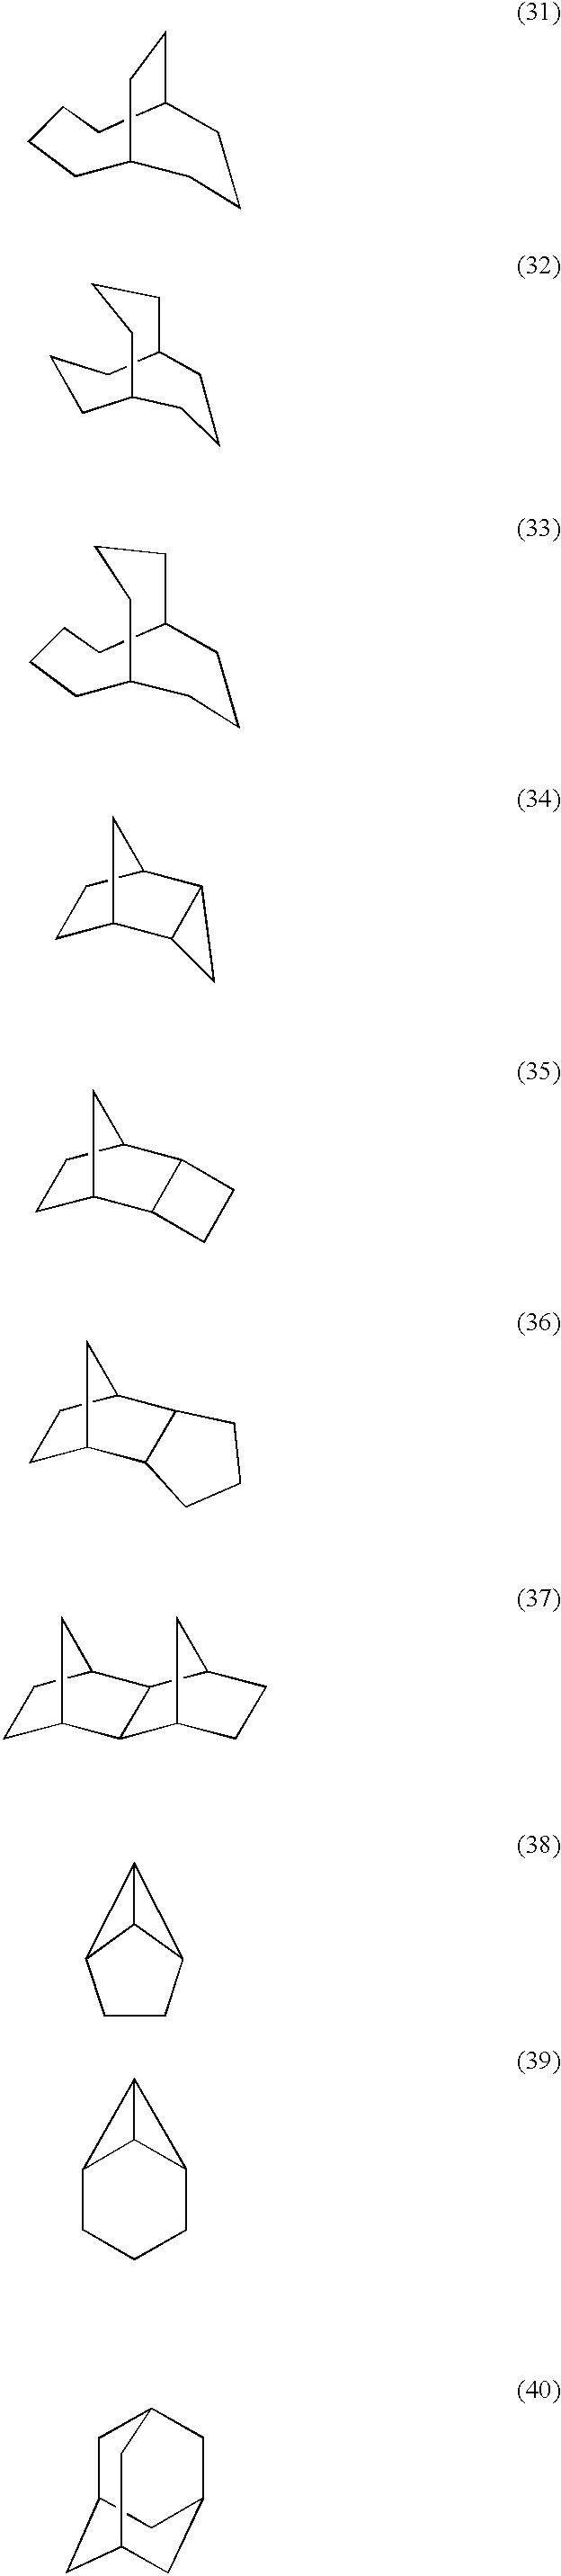 Figure US20030186161A1-20031002-C00056